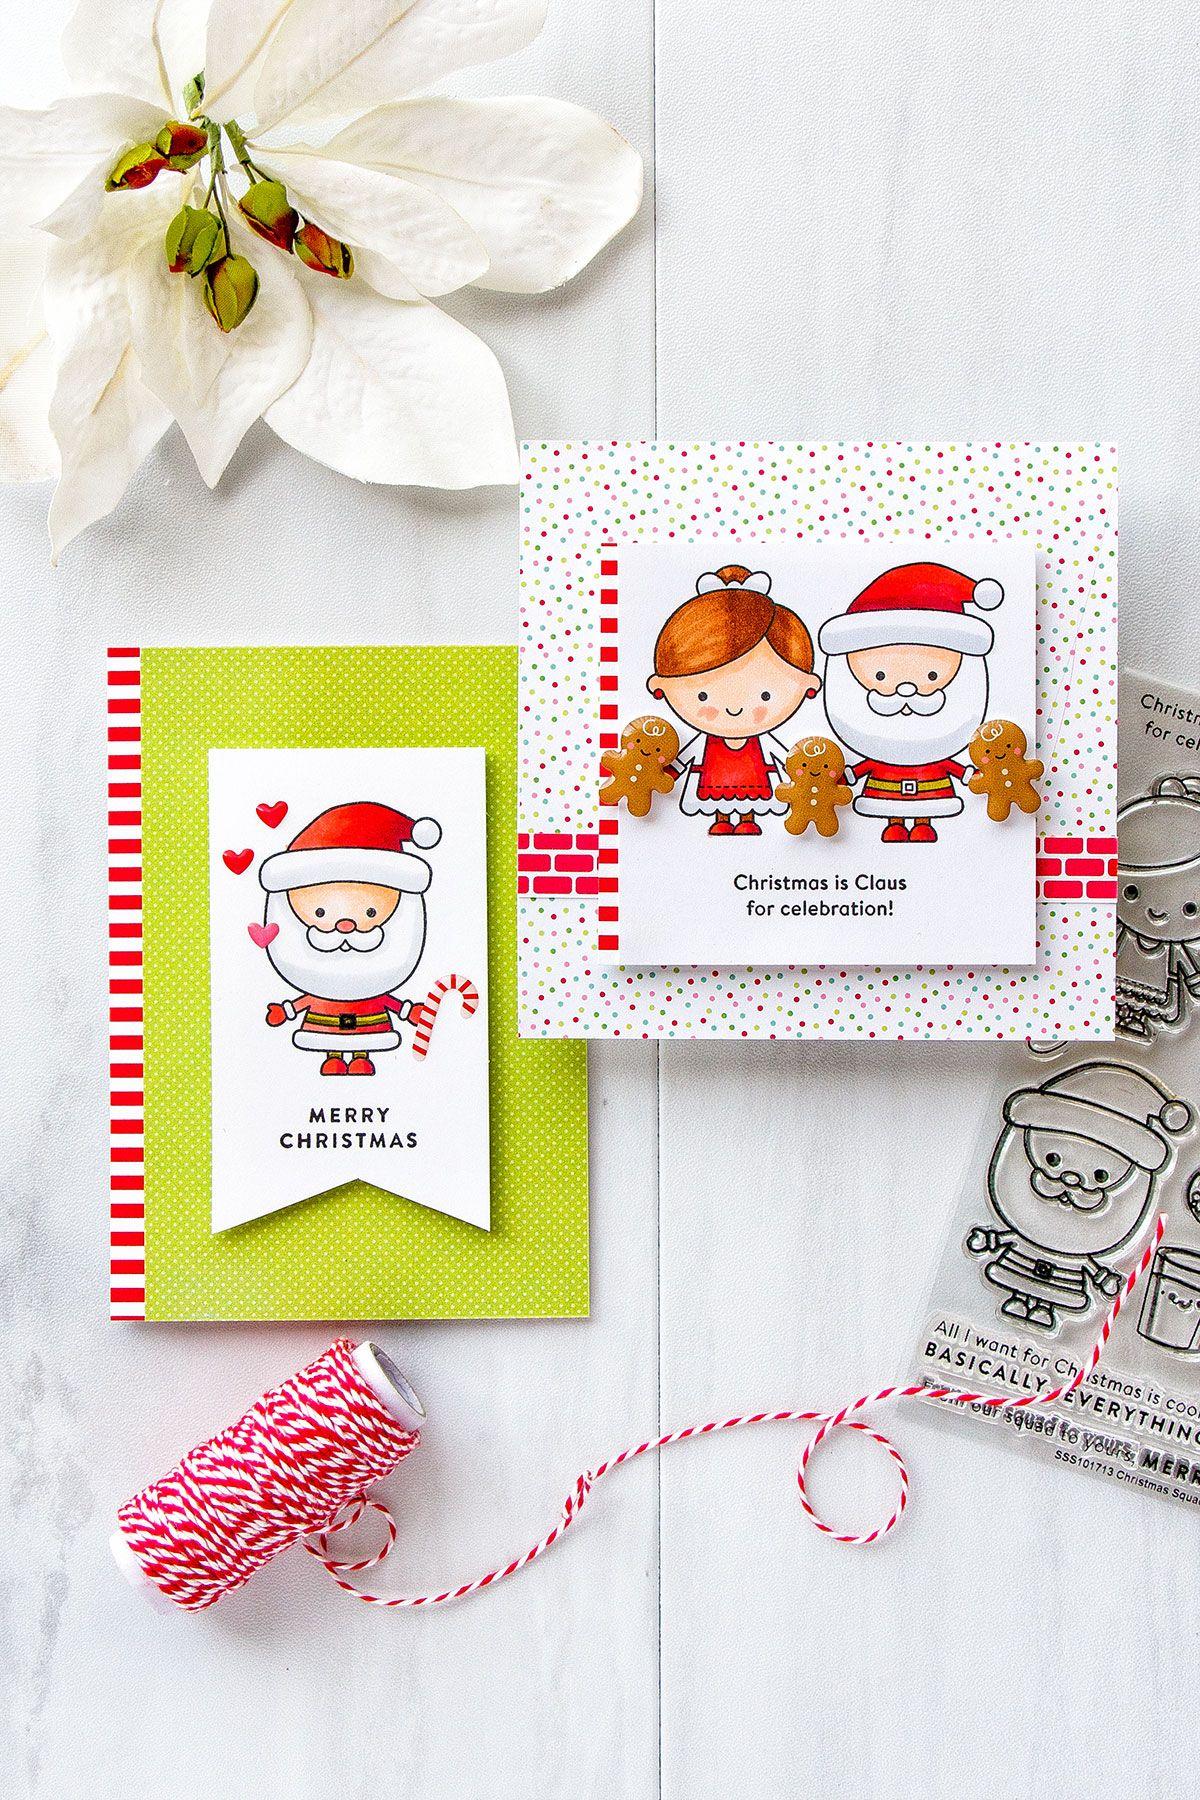 Simon Says Stamp December 2017 Card Kit 5 Card Ideas Card Kit 2017 Card Card Kits